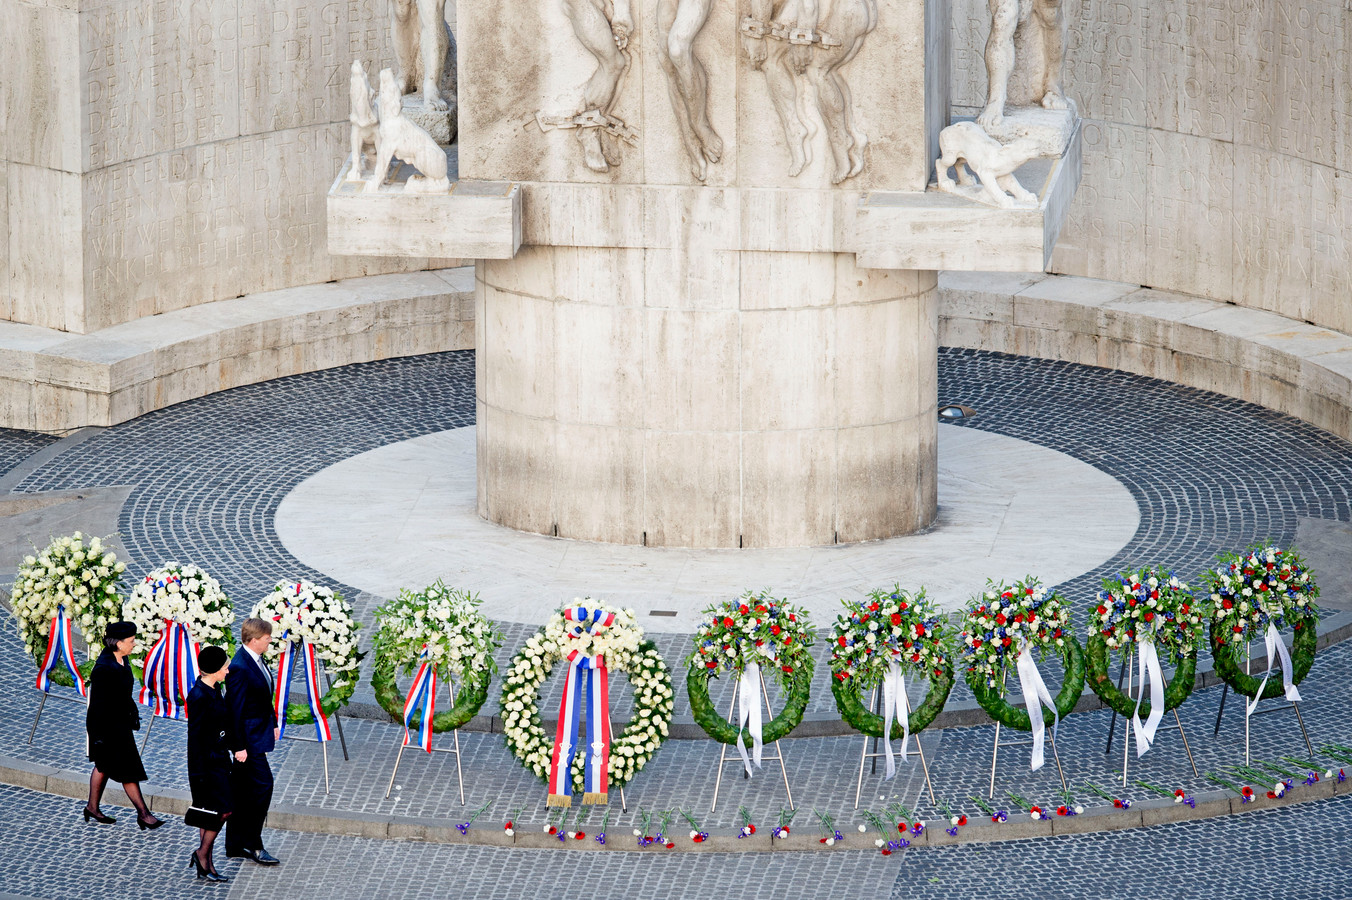 Foto ter illustratie. Het Nationale Monument op de Dam tijdens de nationale dodenherdenking.